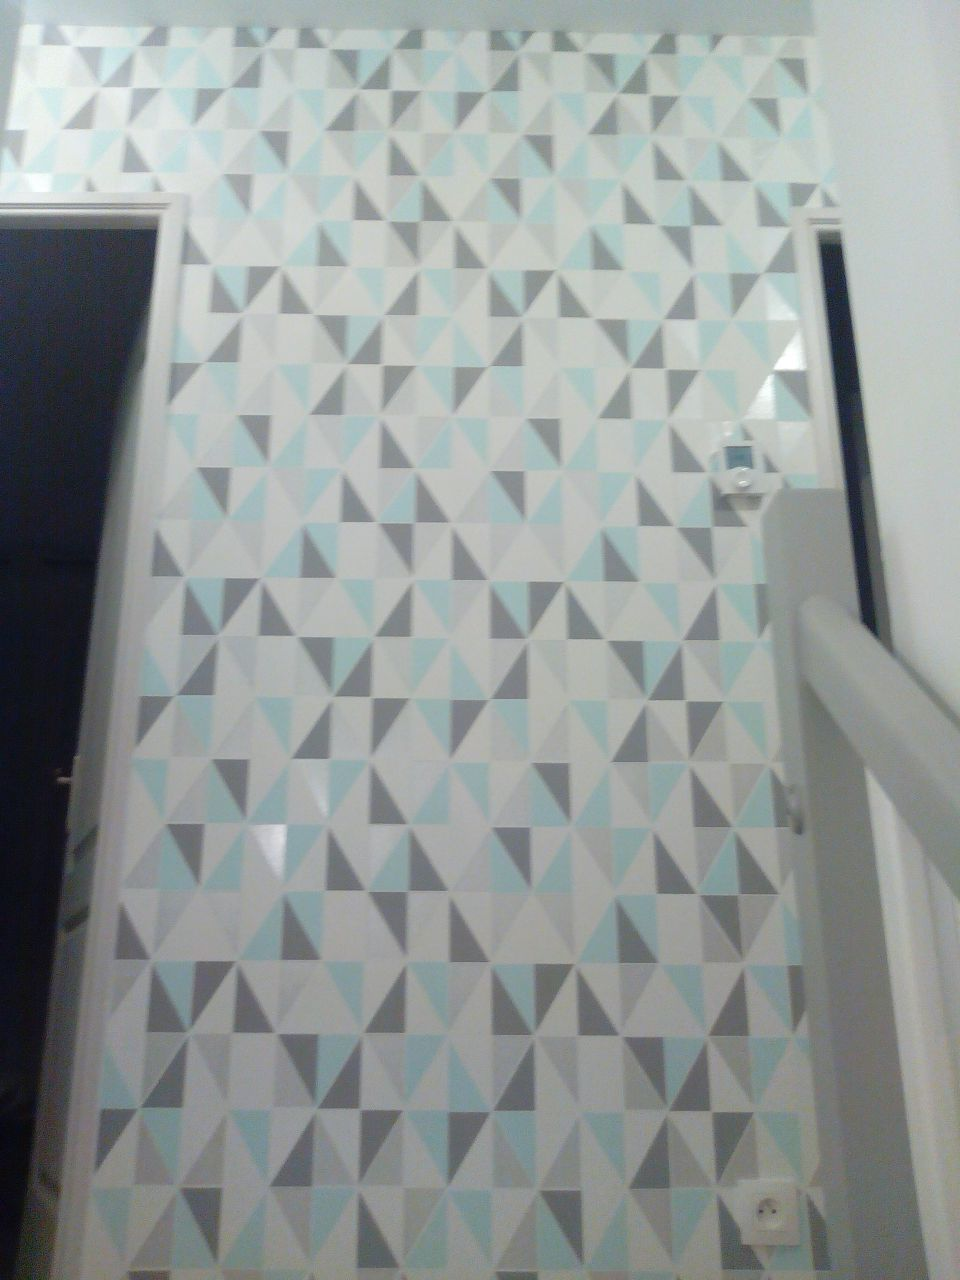 Peinture escalier papier peint couloir etage barcy seine et marne - Prix pose papier peint sans fourniture ...